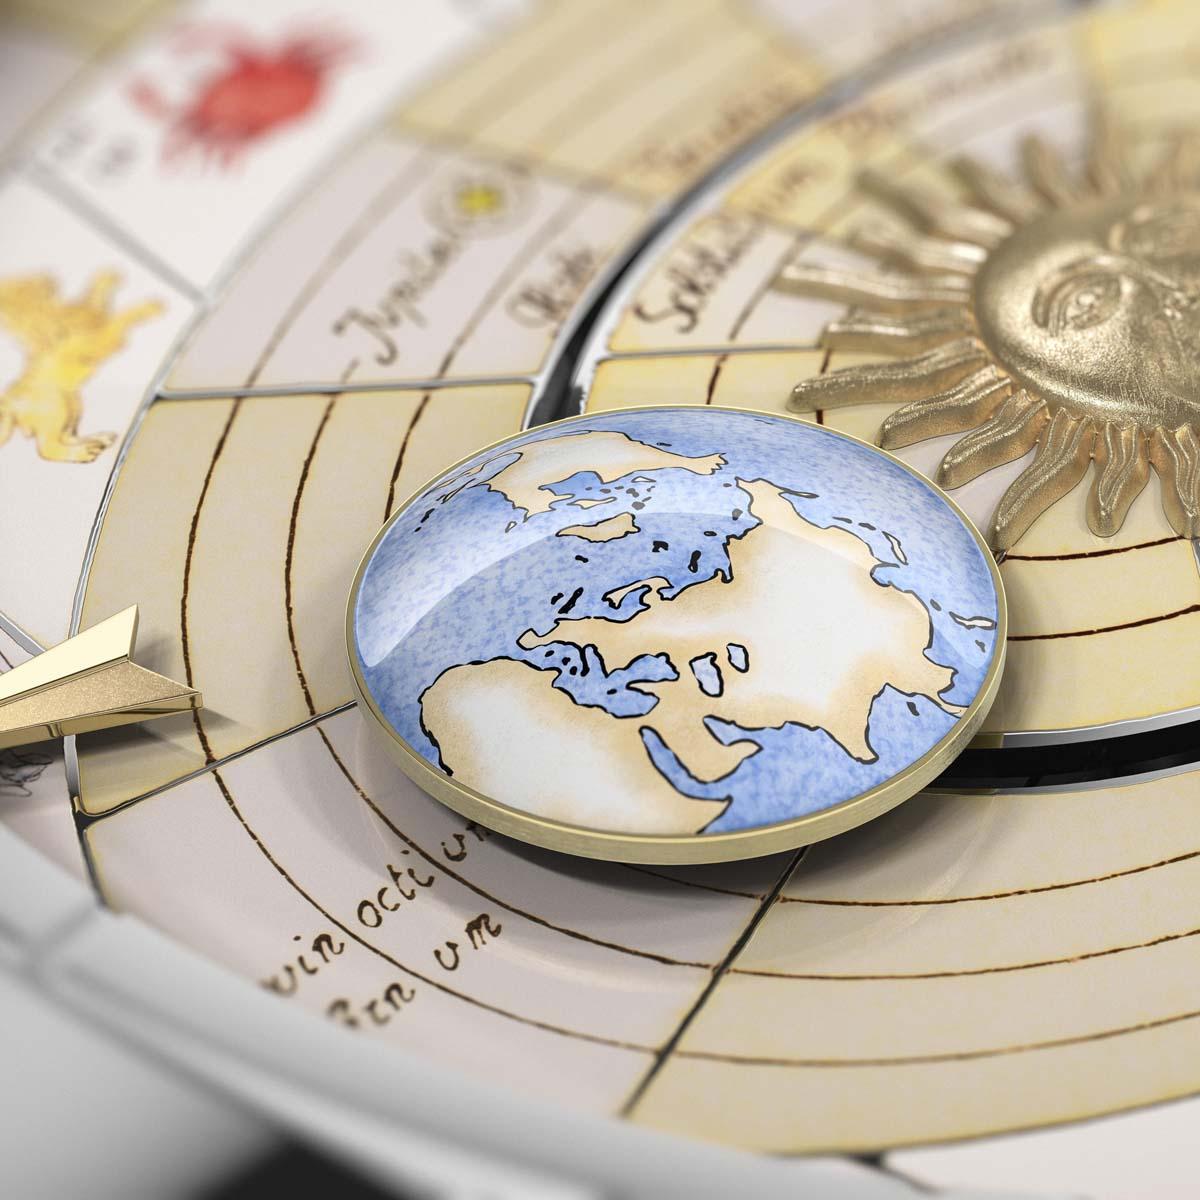 The Watch Quote: Photo - Vacheron Constantin Métiers d'Art Copernicus celestial spheres